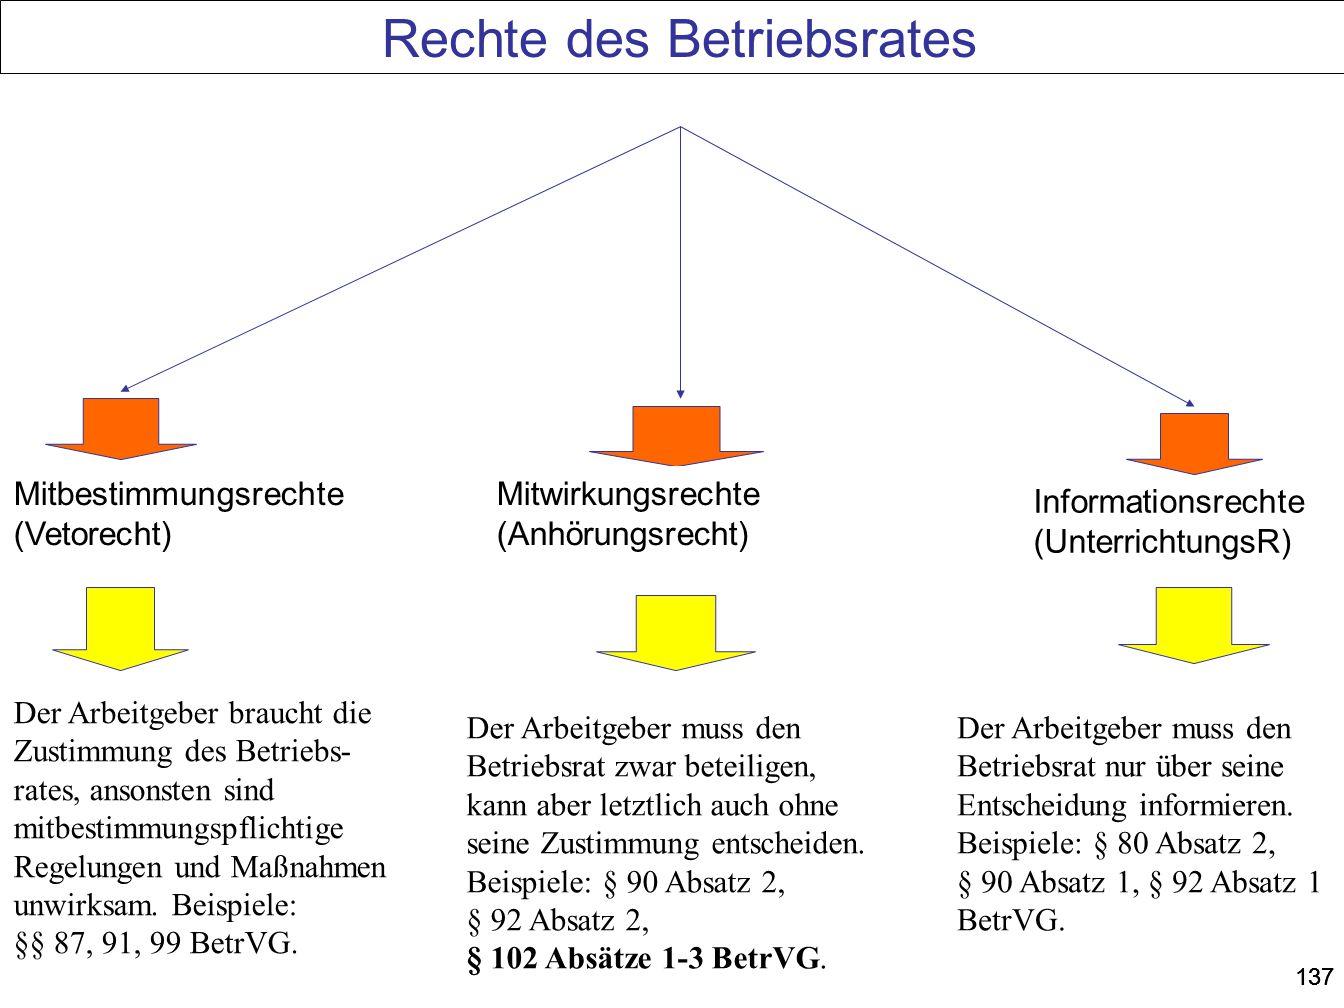 137 Rechte des Betriebsrates Mitbestimmungsrechte (Vetorecht) Mitwirkungsrechte (Anhörungsrecht) Informationsrechte (UnterrichtungsR) Der Arbeitgeber